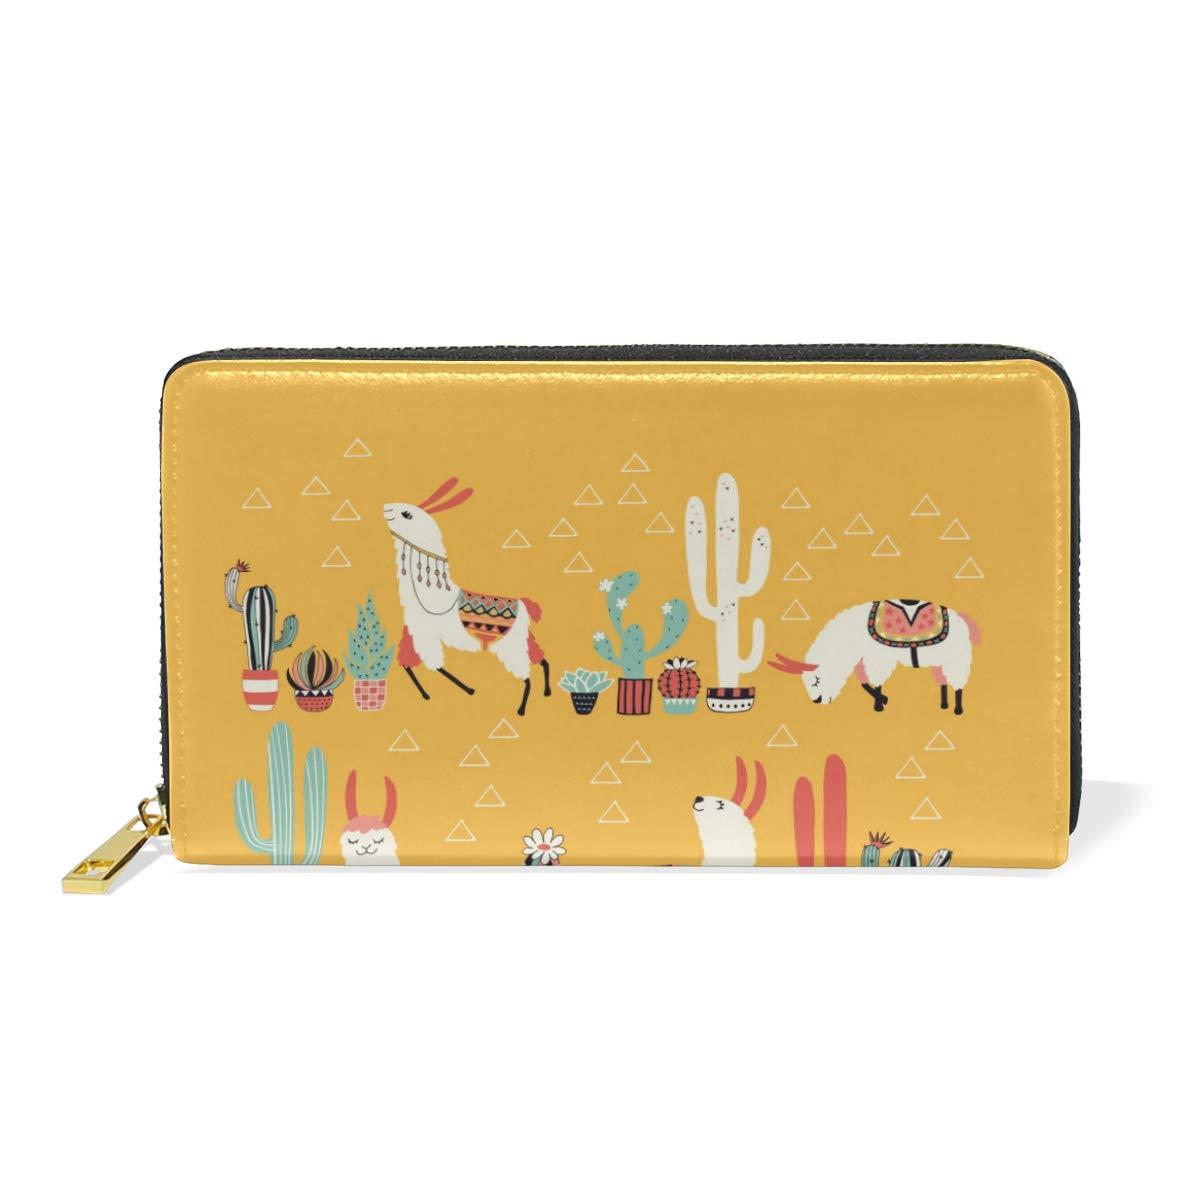 GIOVANIOR Cute Llama Alpaca Cactus Womens Clutch Purses Organizer And Handbags Zip Around Wallet